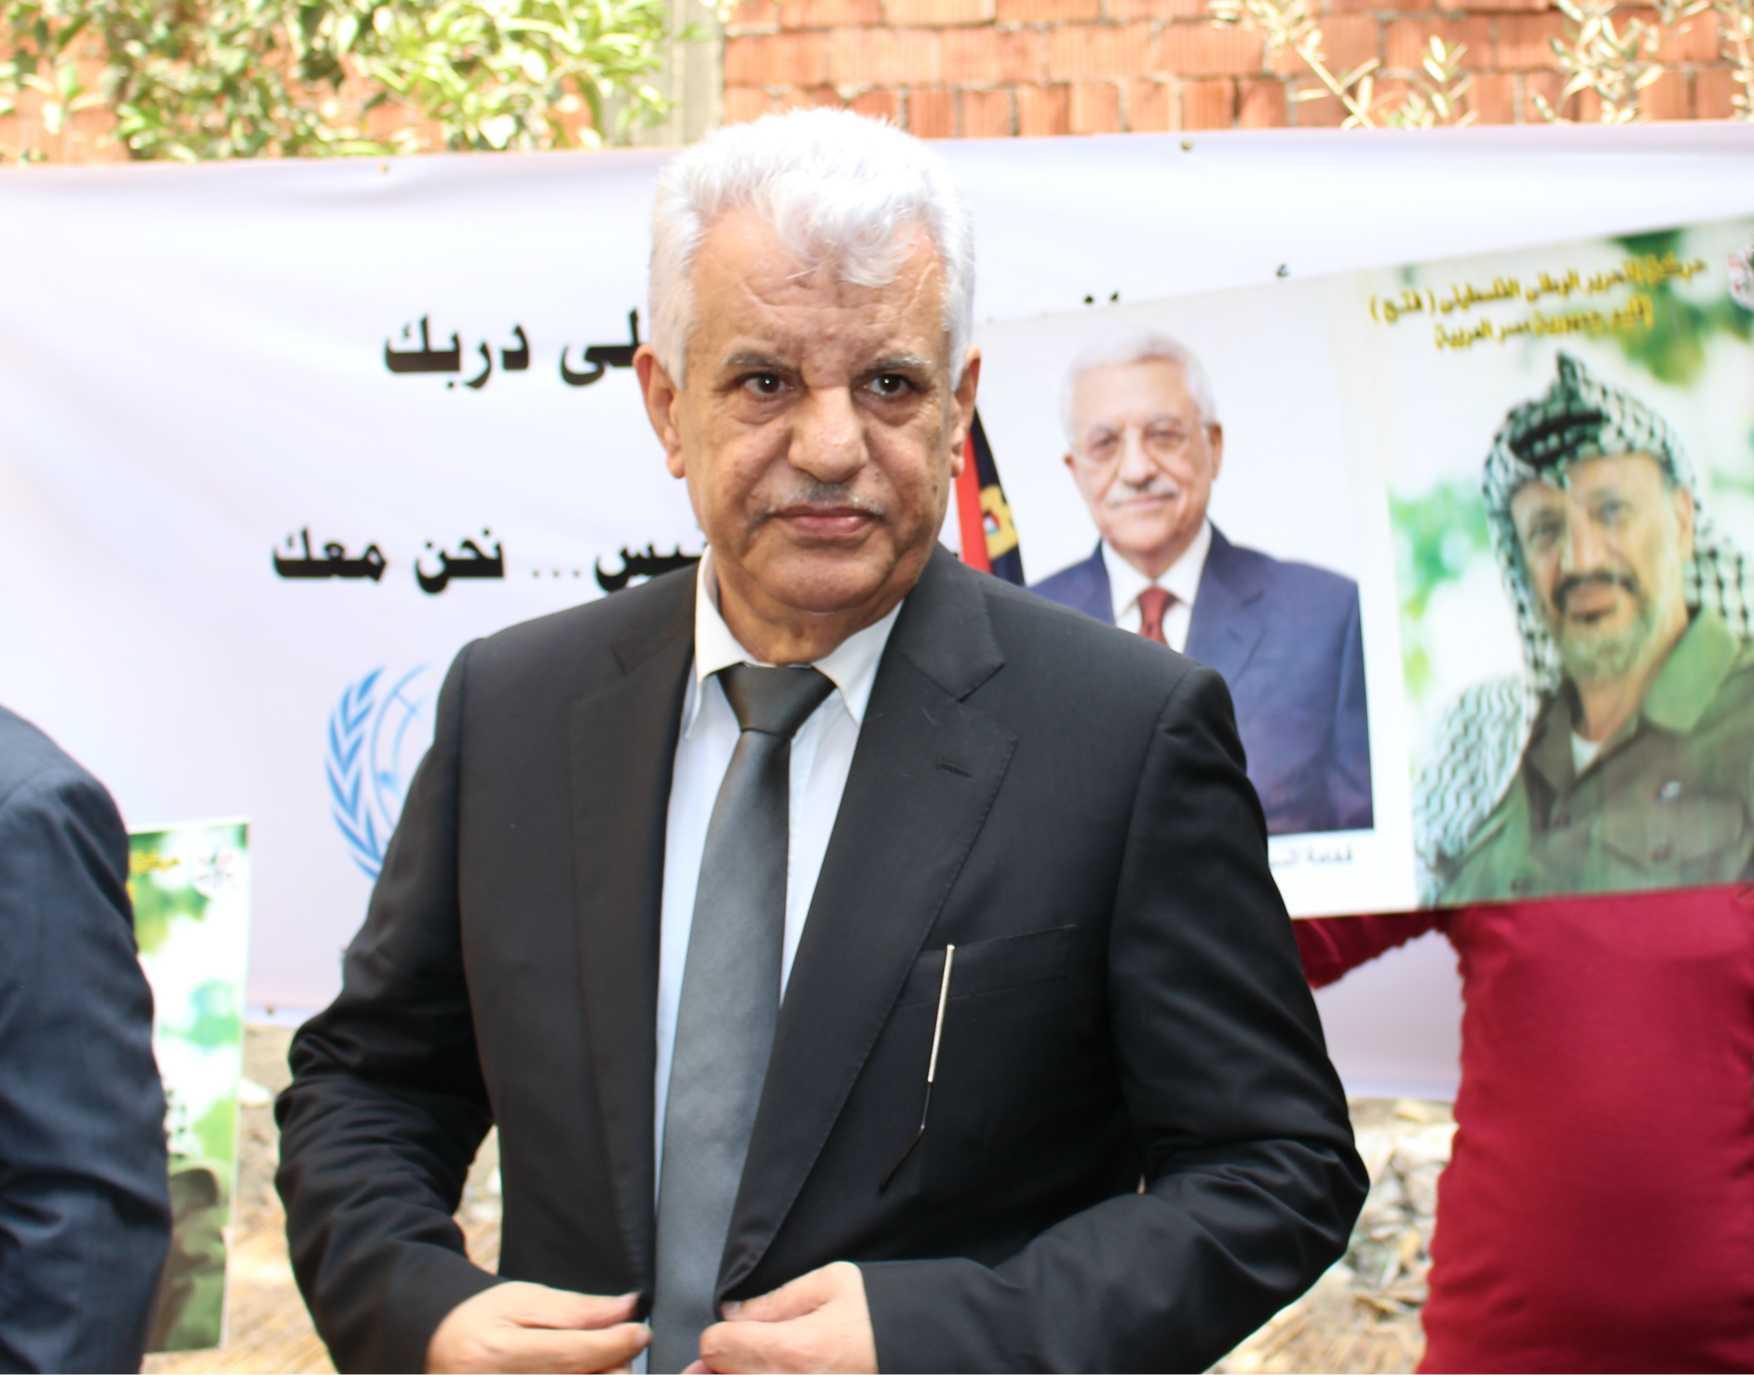 صورة الشوبكي يثمن موقف المغرب بشأن القضية الفلسطينية